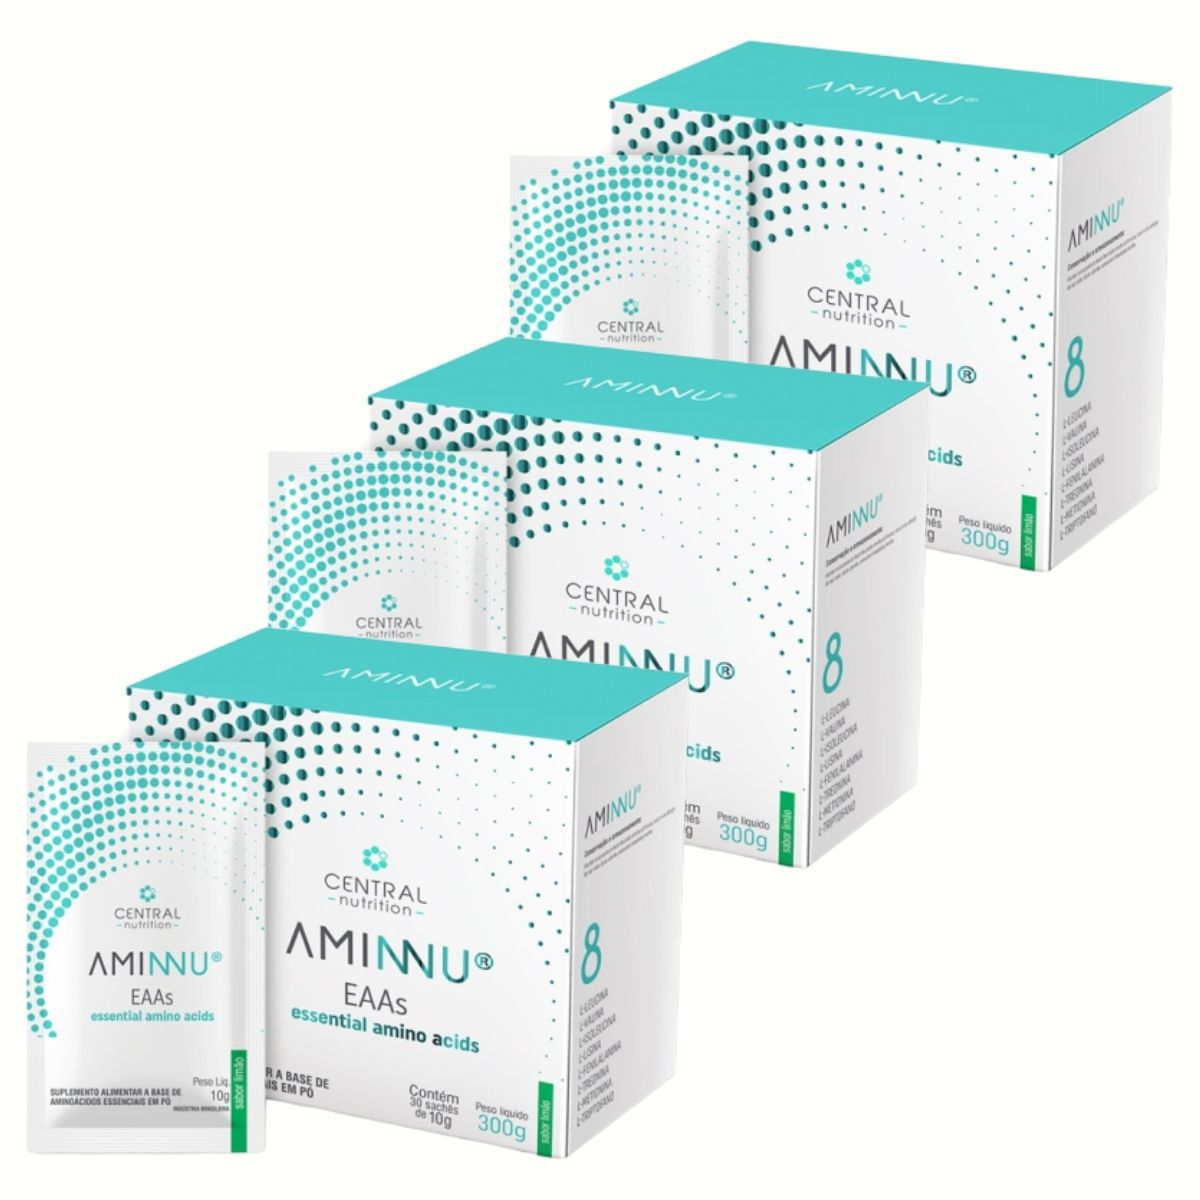 Kit 3 Aminnu Limão 10G 30 Sachês EAAs - A Base De Aminoácidos Essenciais - Central Nutrition